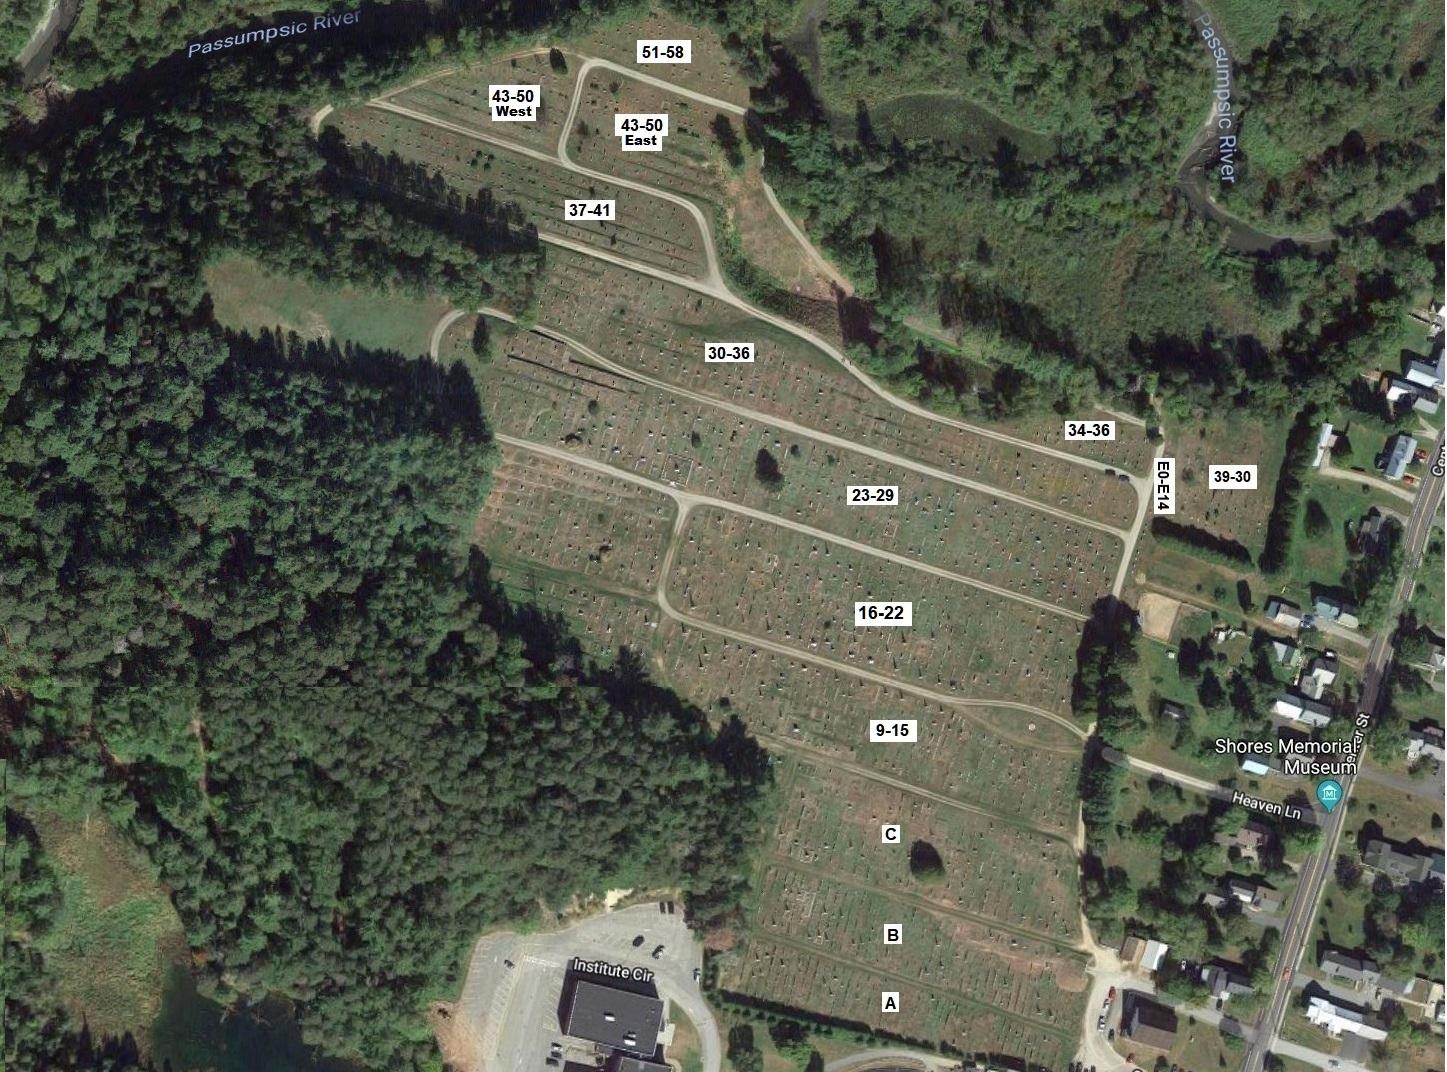 Lyndon Center Cemetery Map